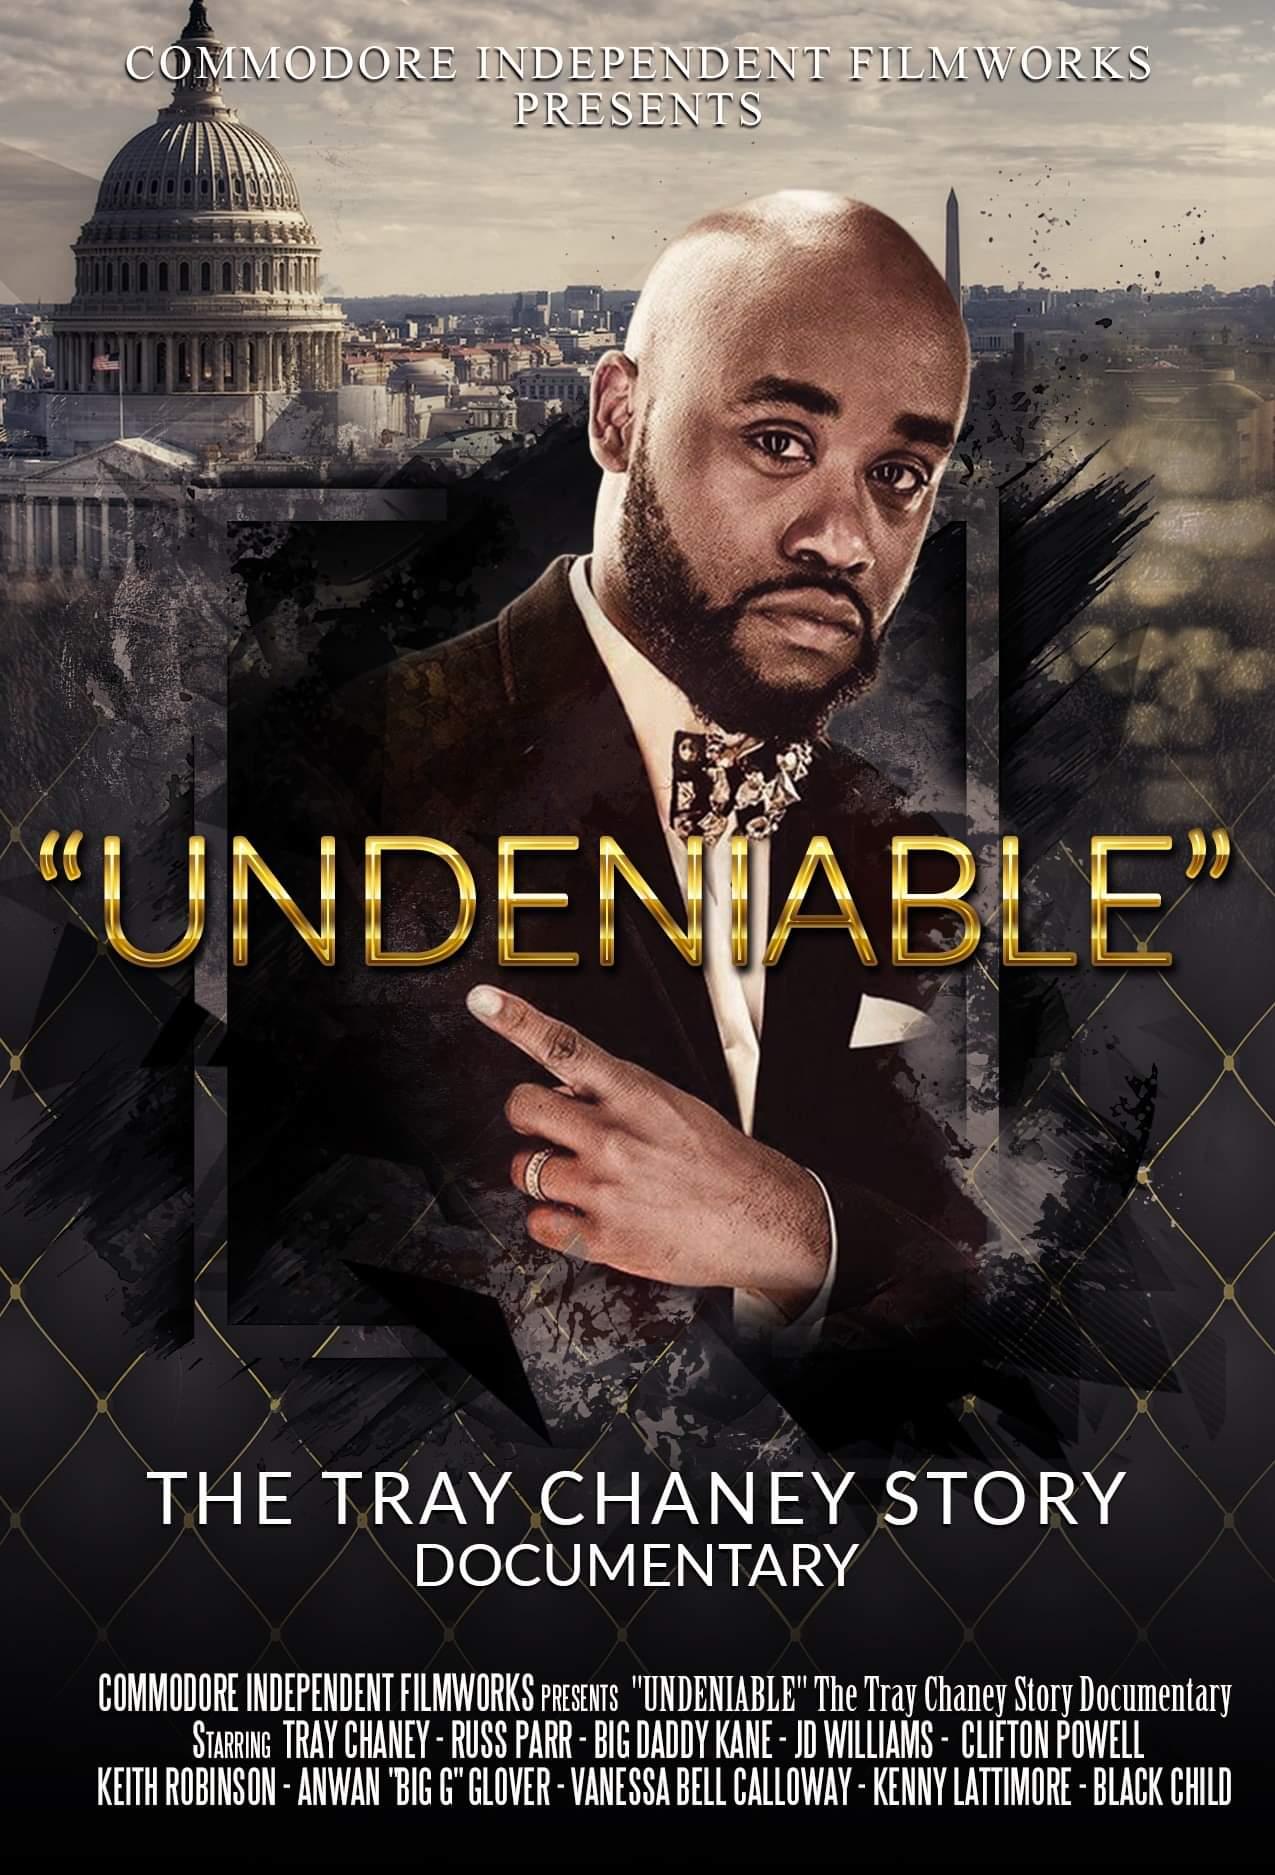 Tray Chaney